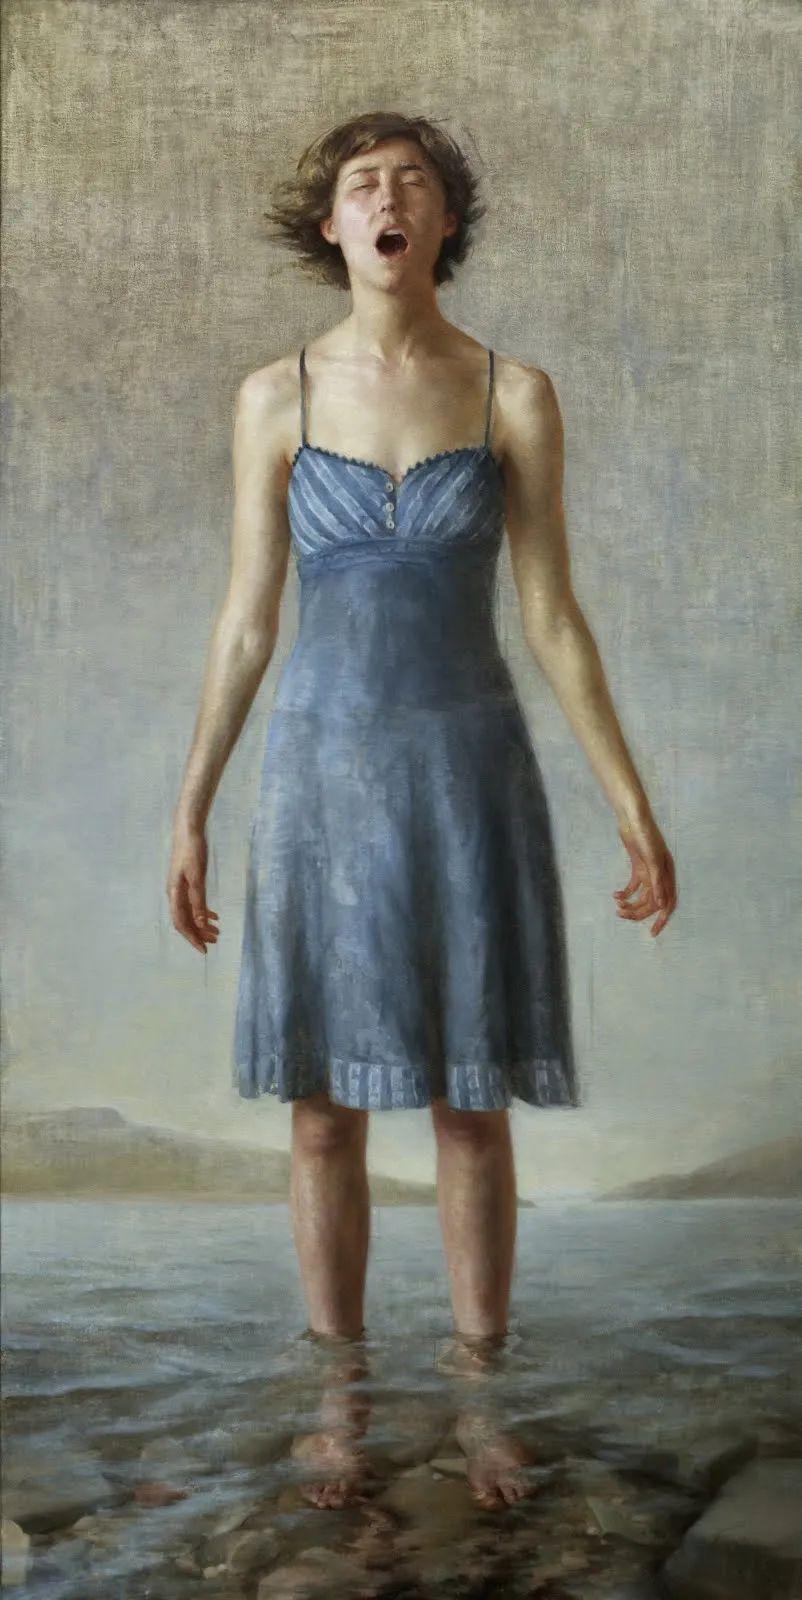 色彩新清的具象绘画,美国女画家佐伊·弗兰克插图13